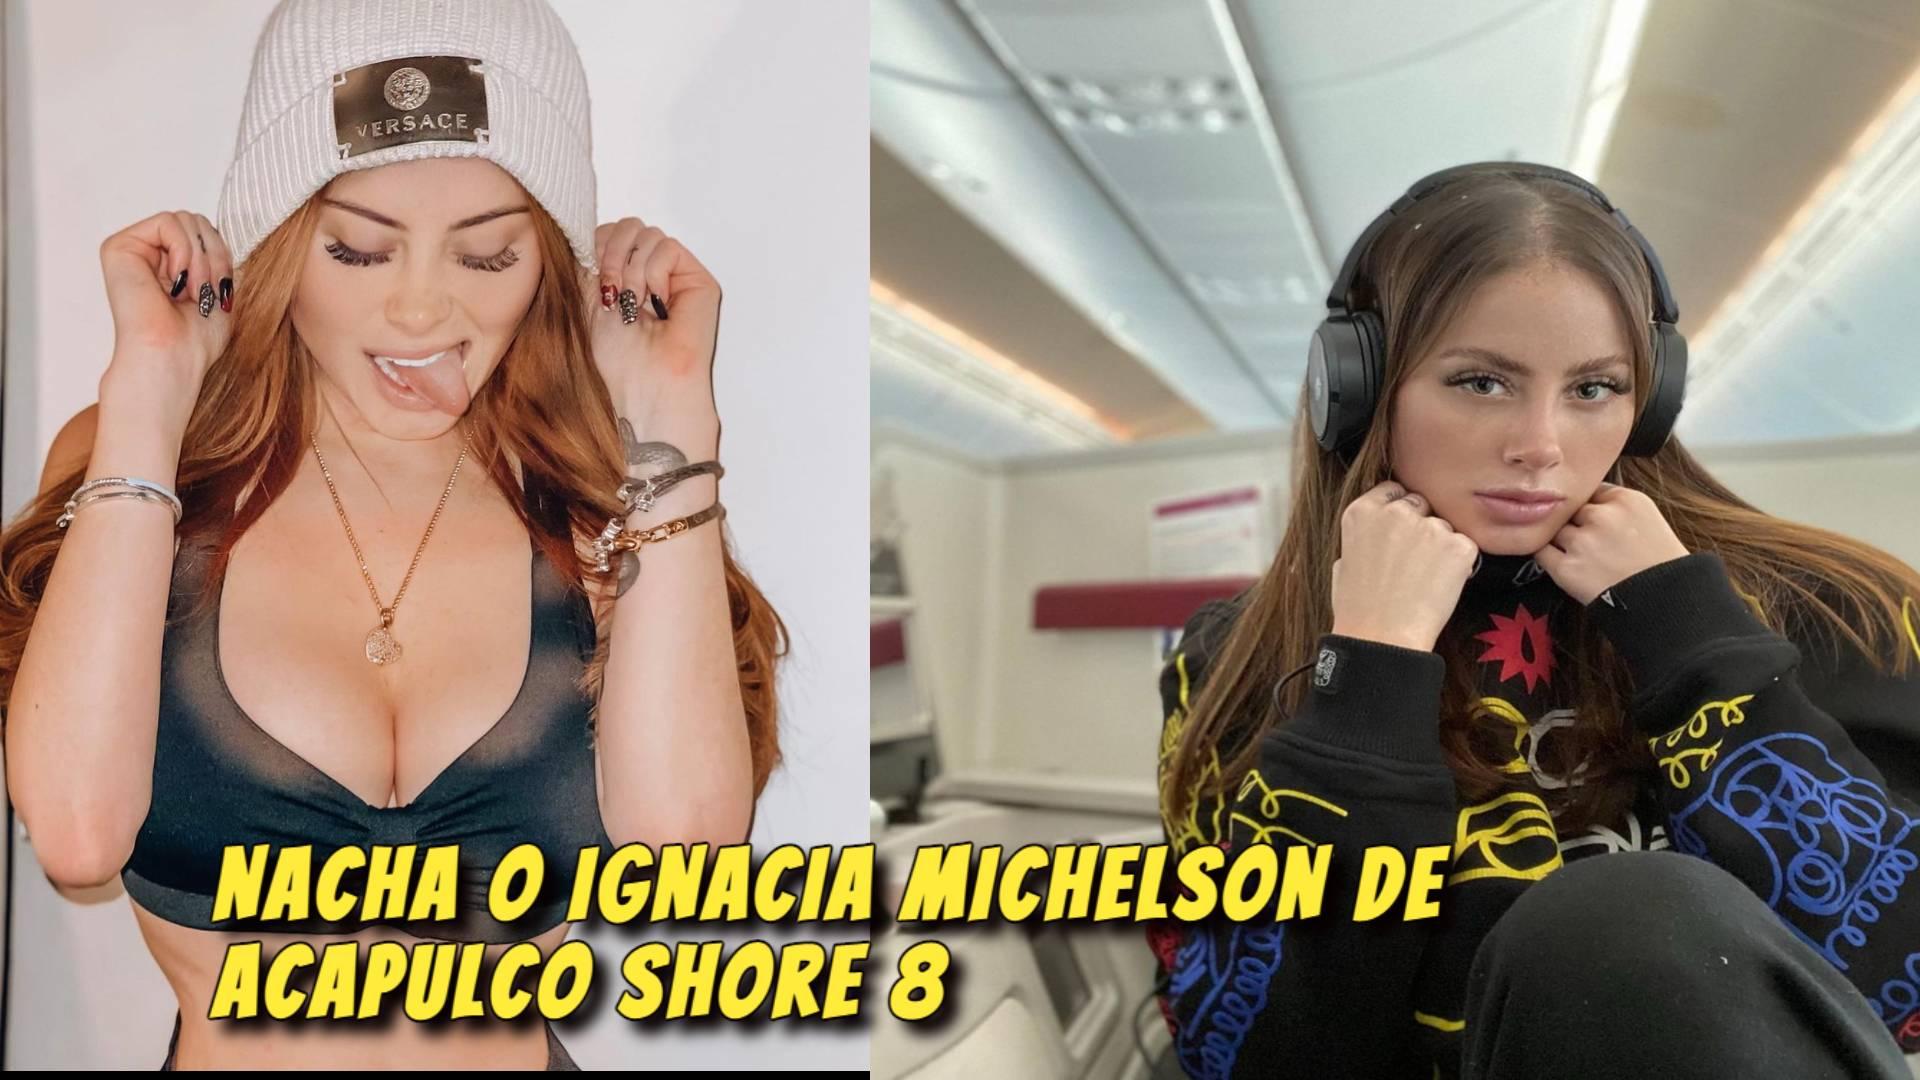 Nacha o IGNACIA MICHELSON de Acapulco Shore 8